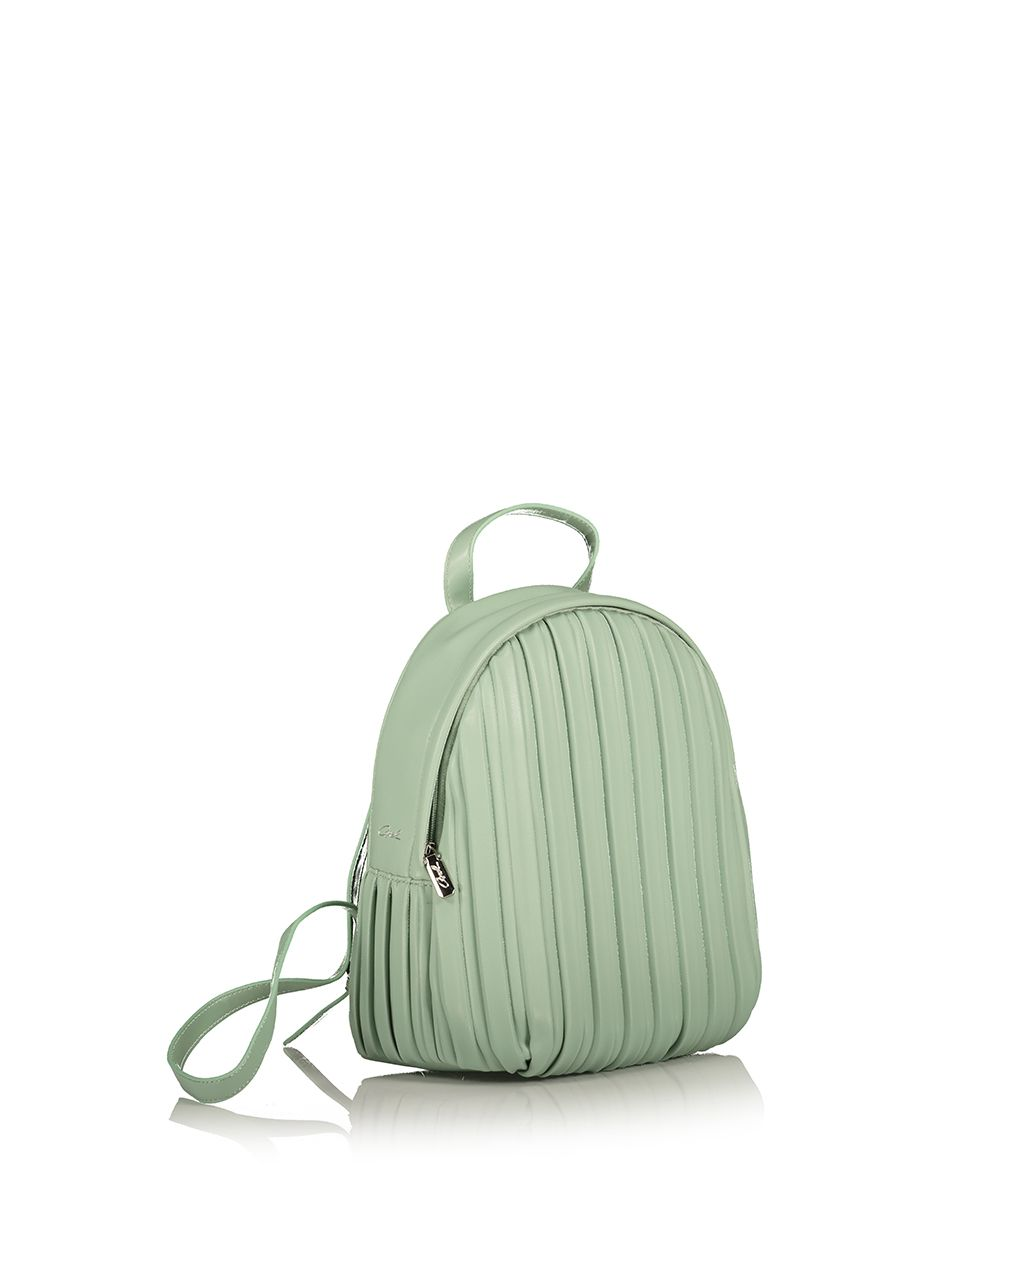 Γυναικεία Τσάντα AXEL 1023-0210 Πράσινη